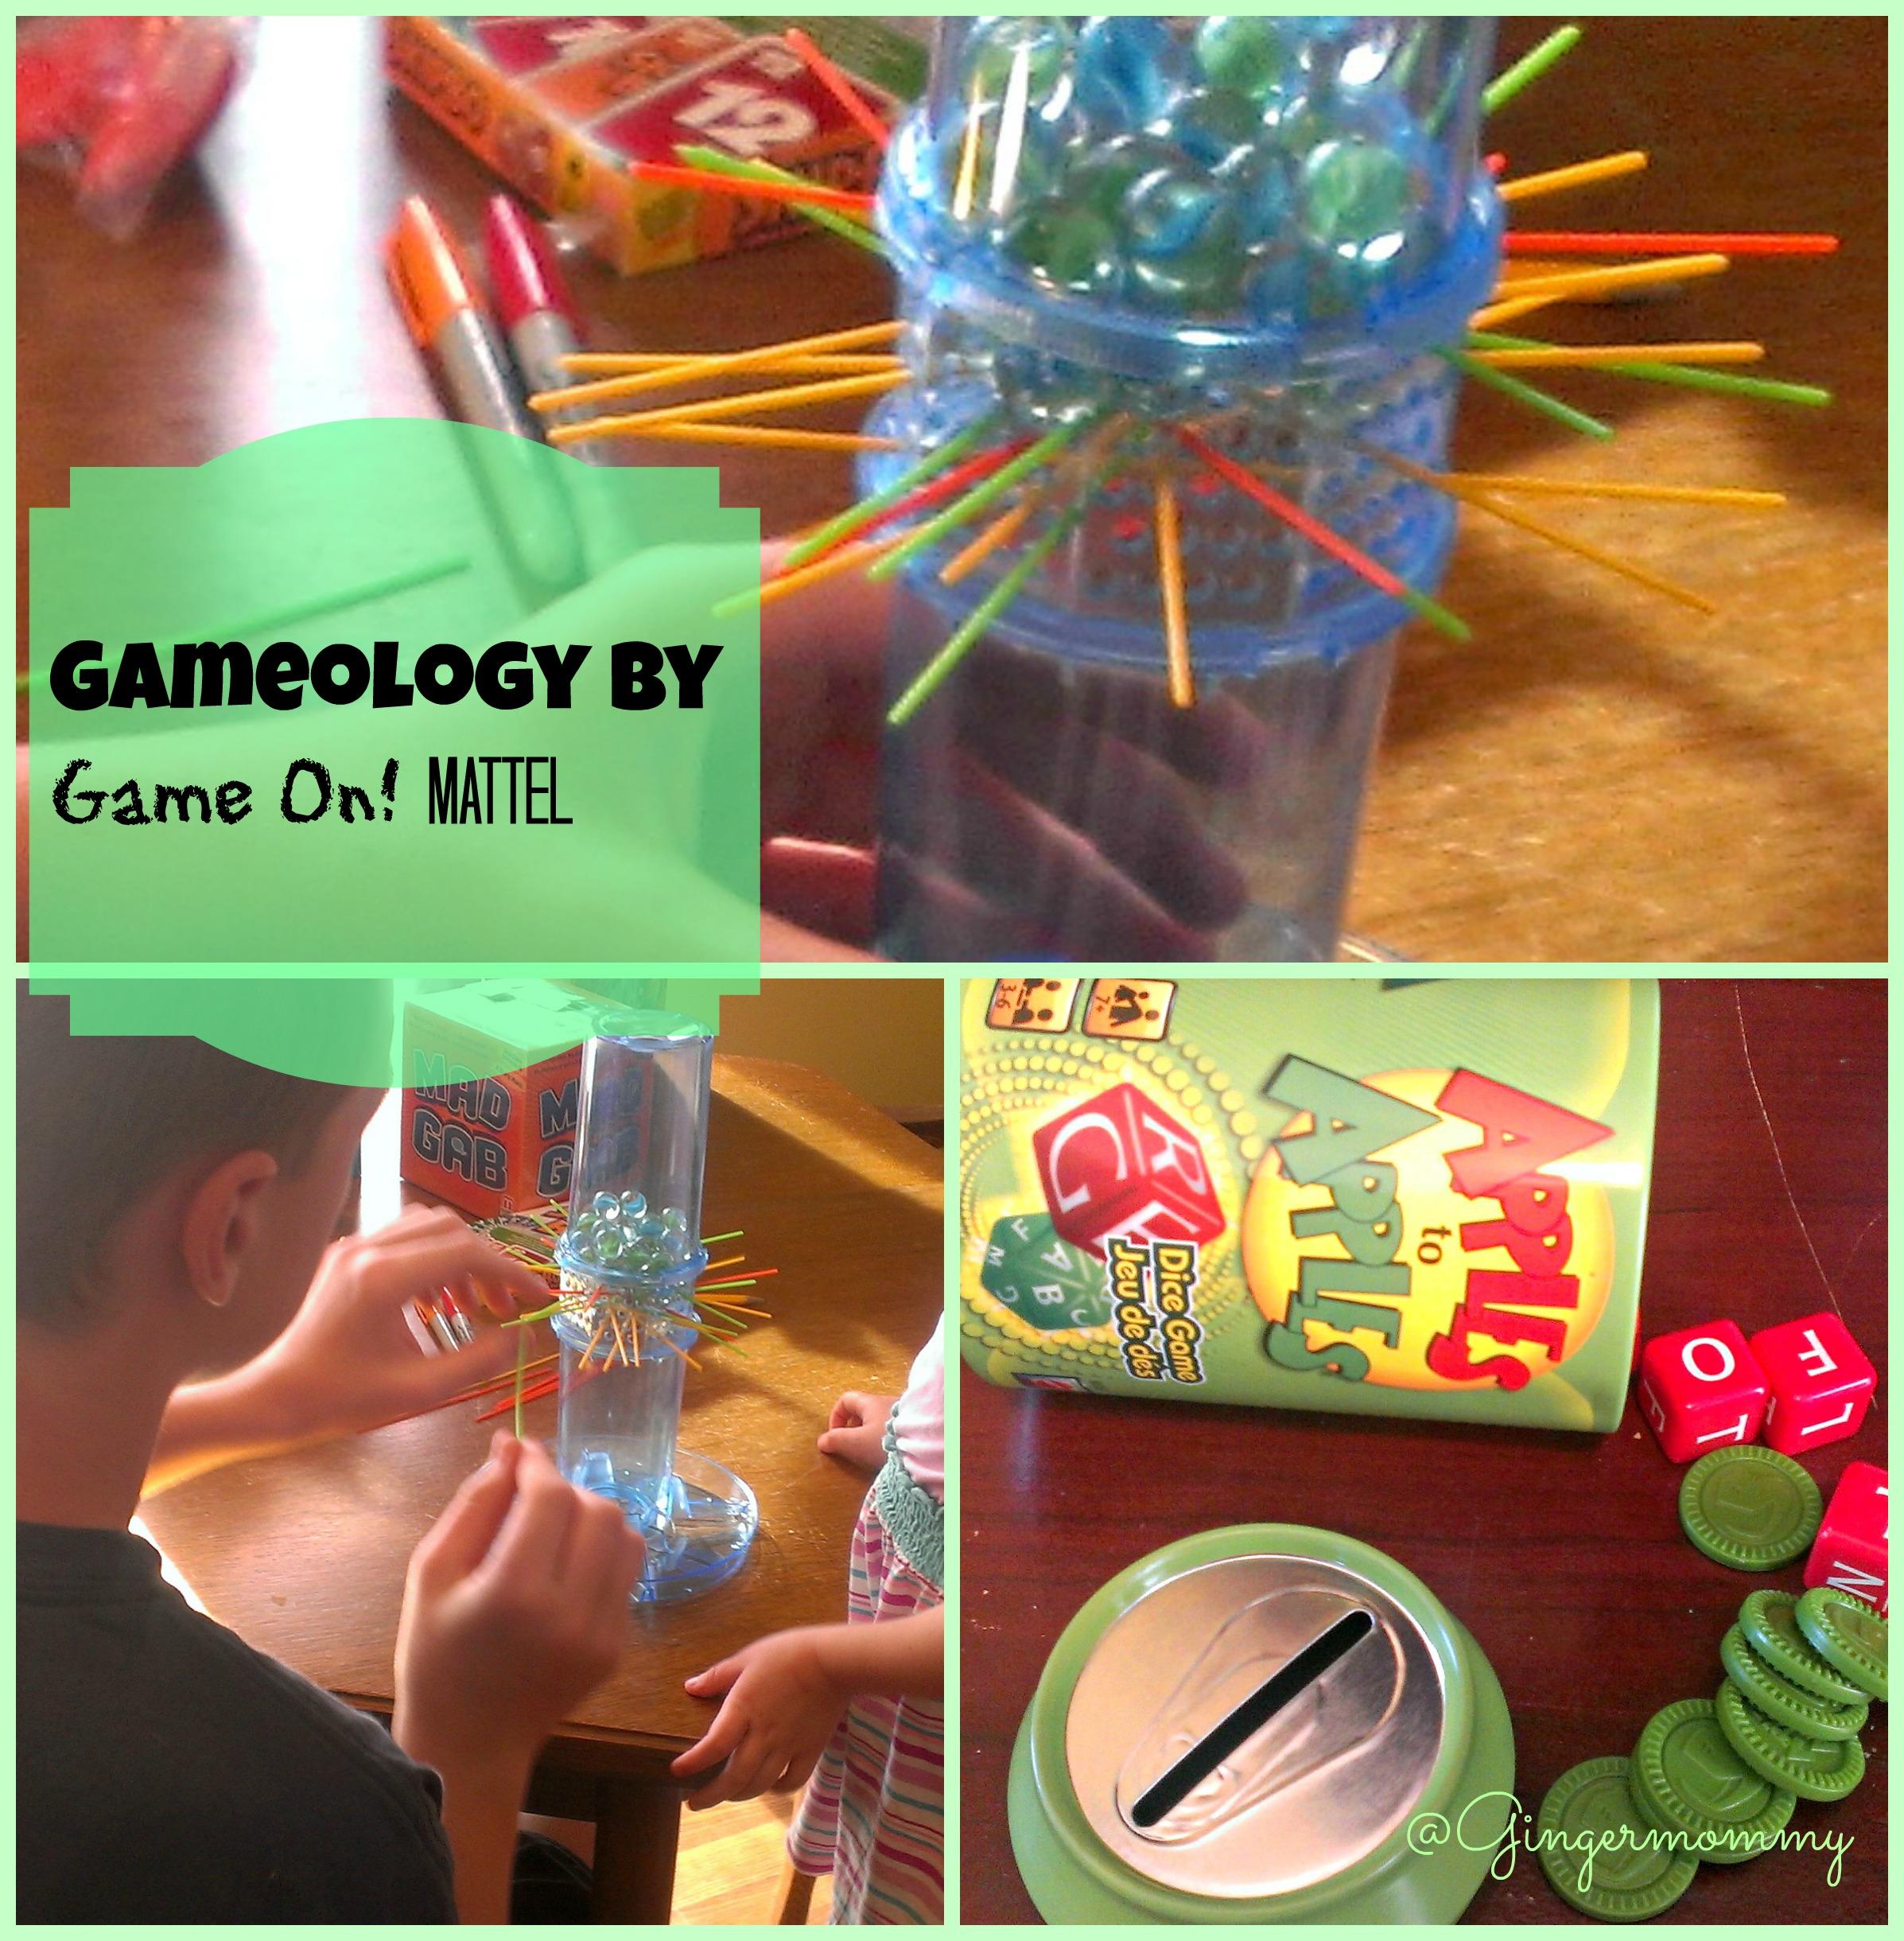 Gameology